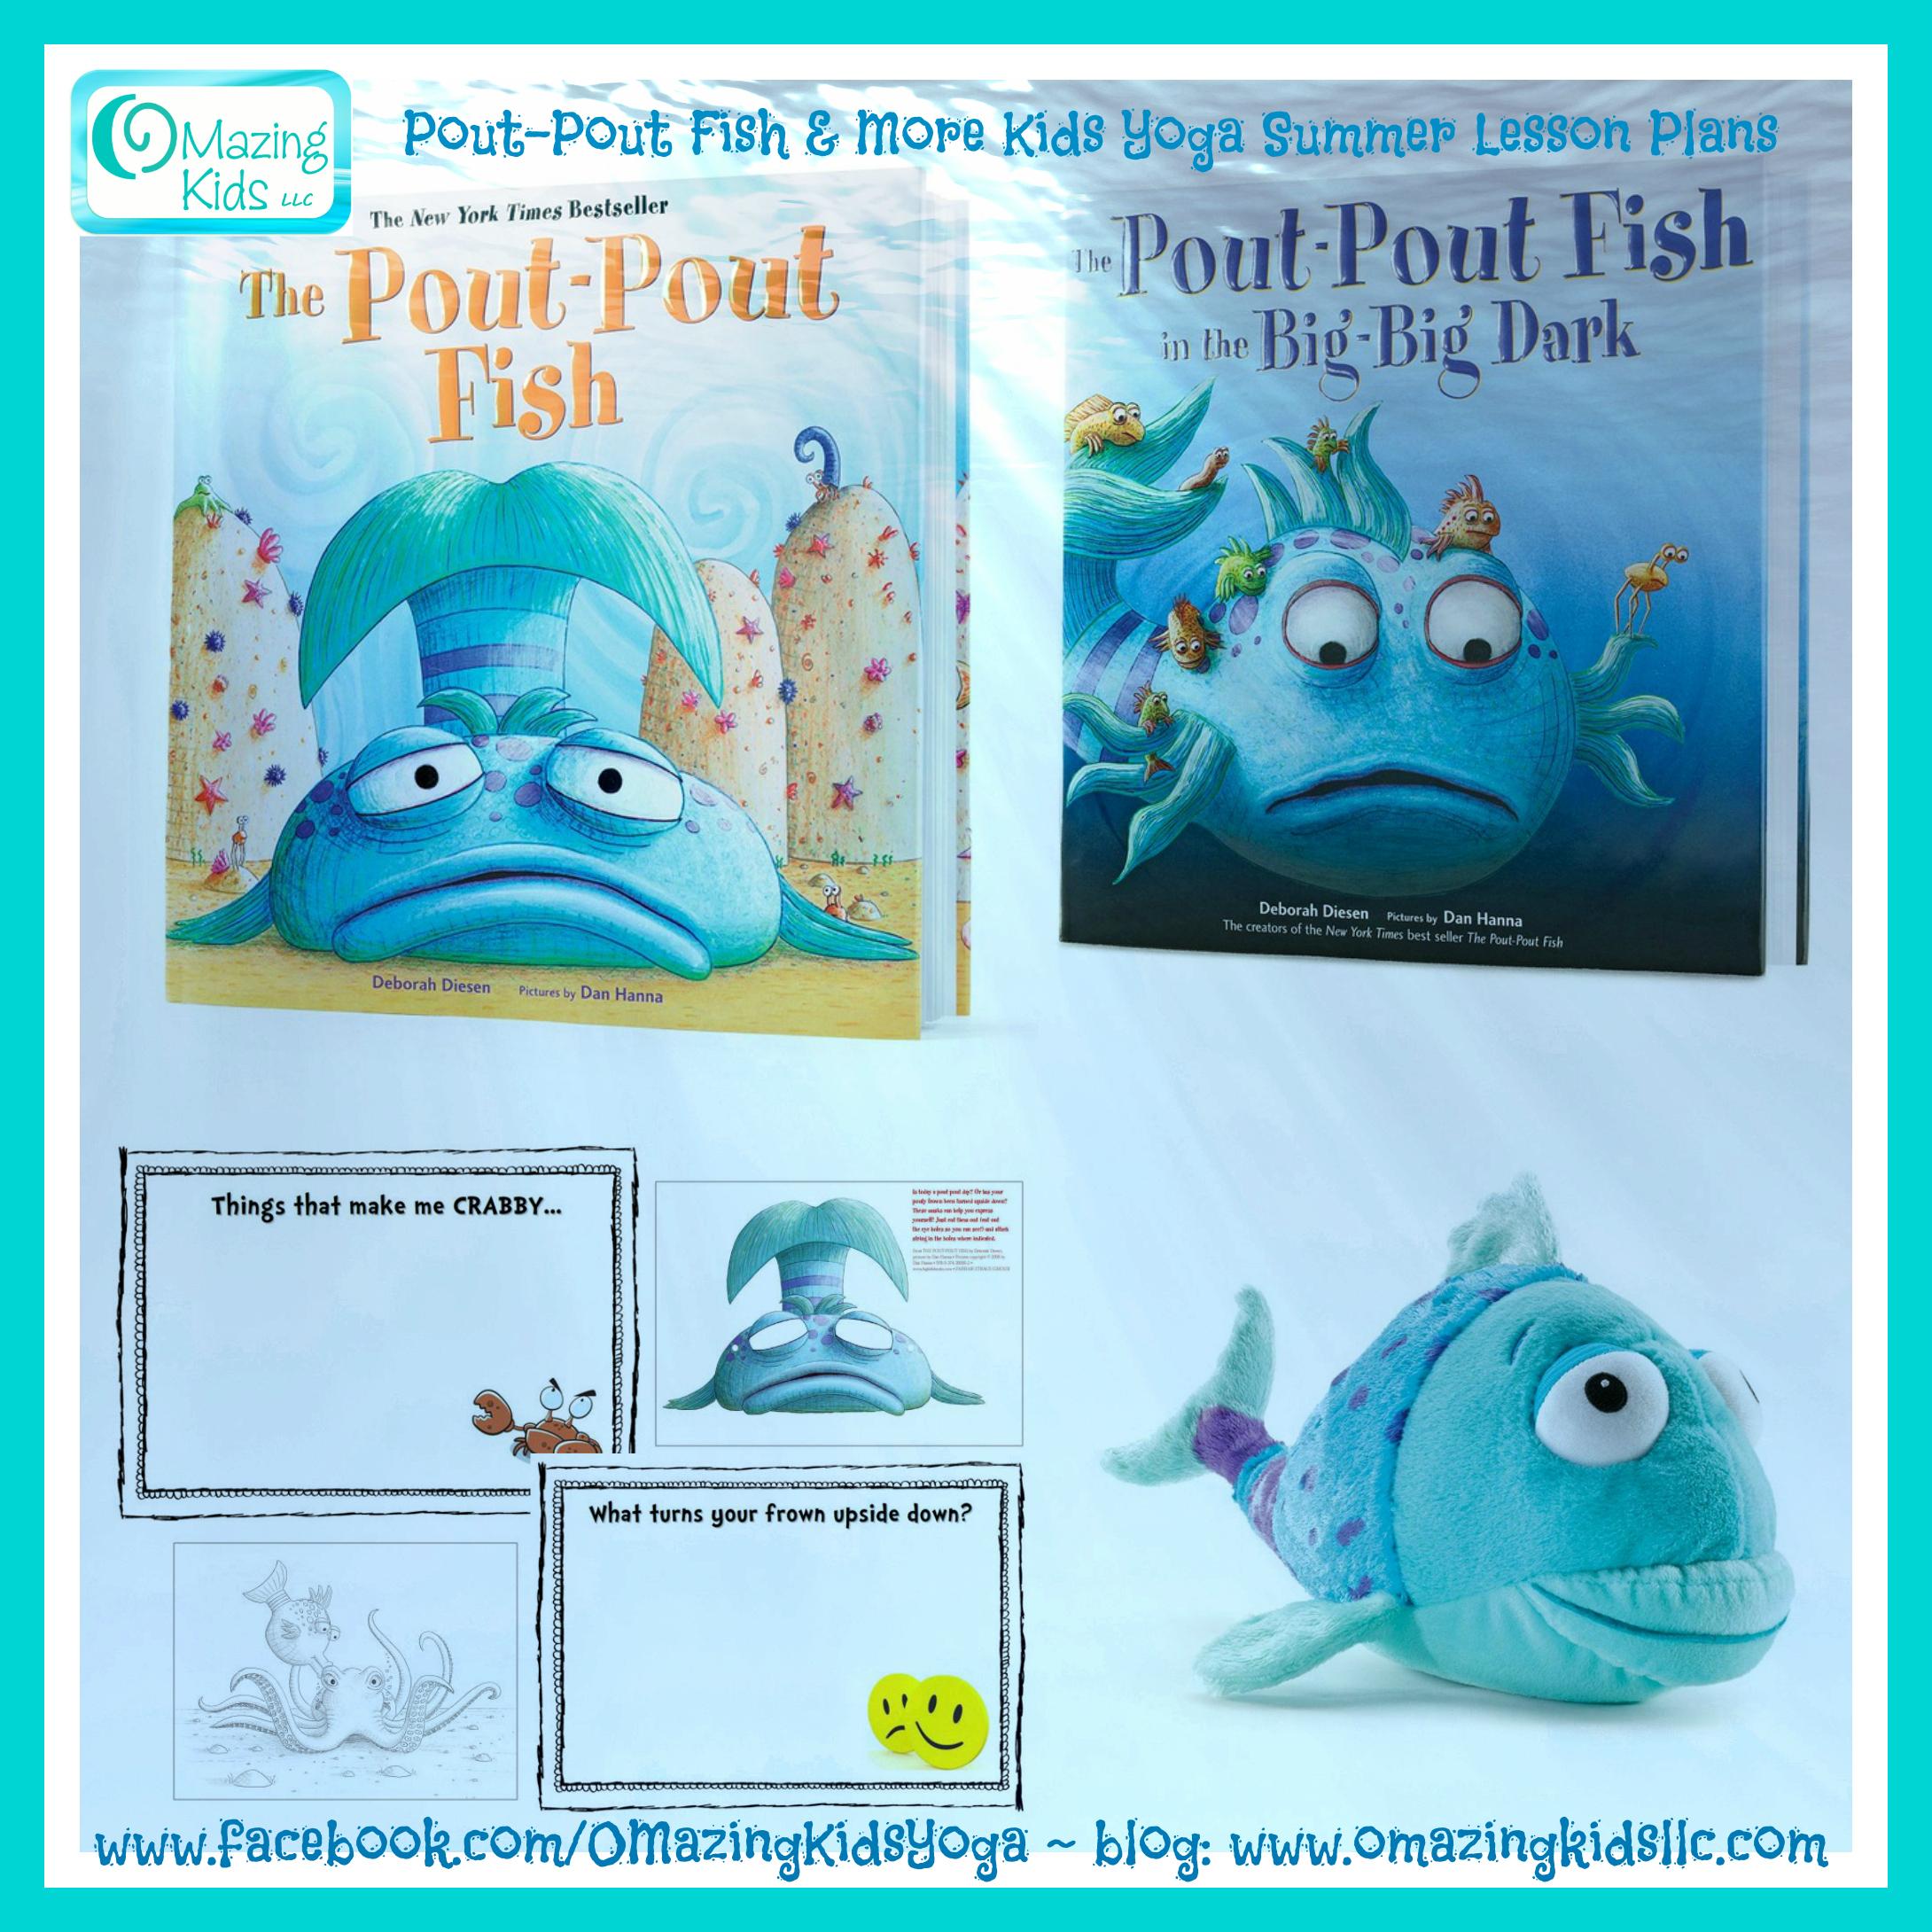 Pout-Pout Fish Lesson Plan plus Summer Themed Books, Music ...